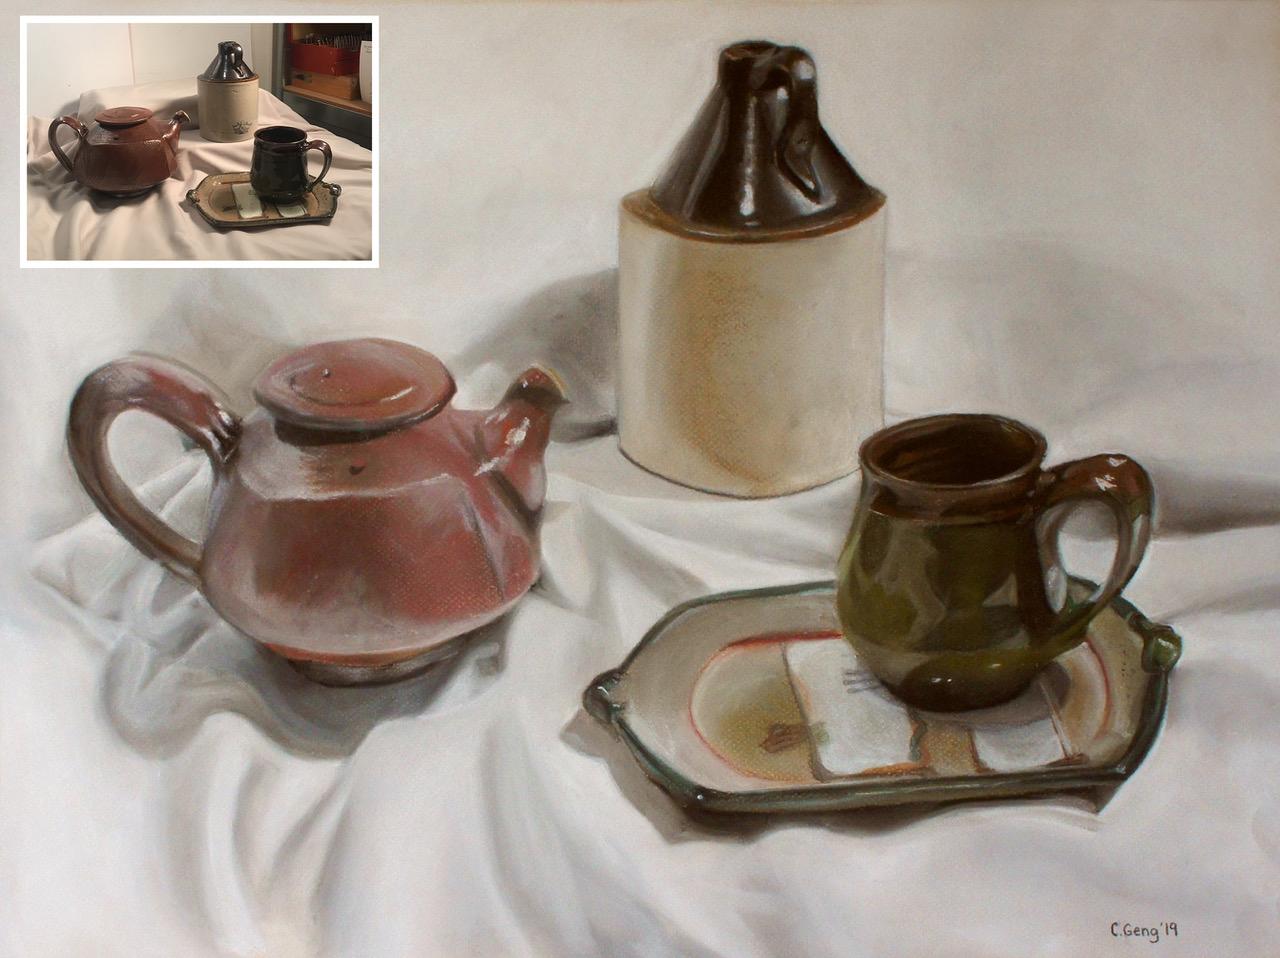 C. Geng - Pottery Still Life - Teen Class